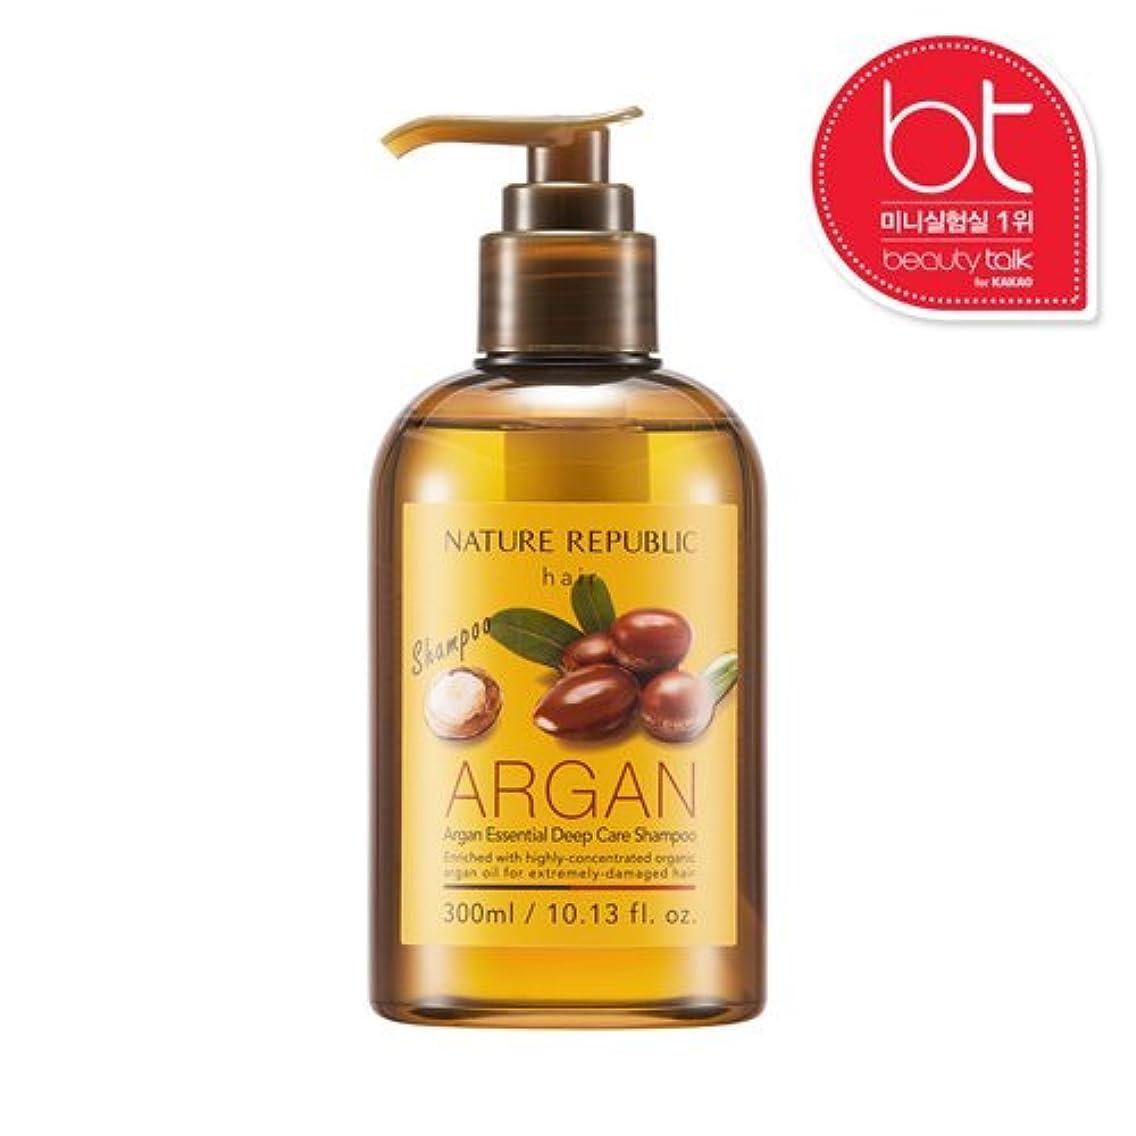 アンタゴニスト教育者ブート(NATURE REPUBLIC ネイチャーリパブリック) ARGAN Essential Deep Care Shampoo アルガン エッセンシャル ディープ ケア シャンプー